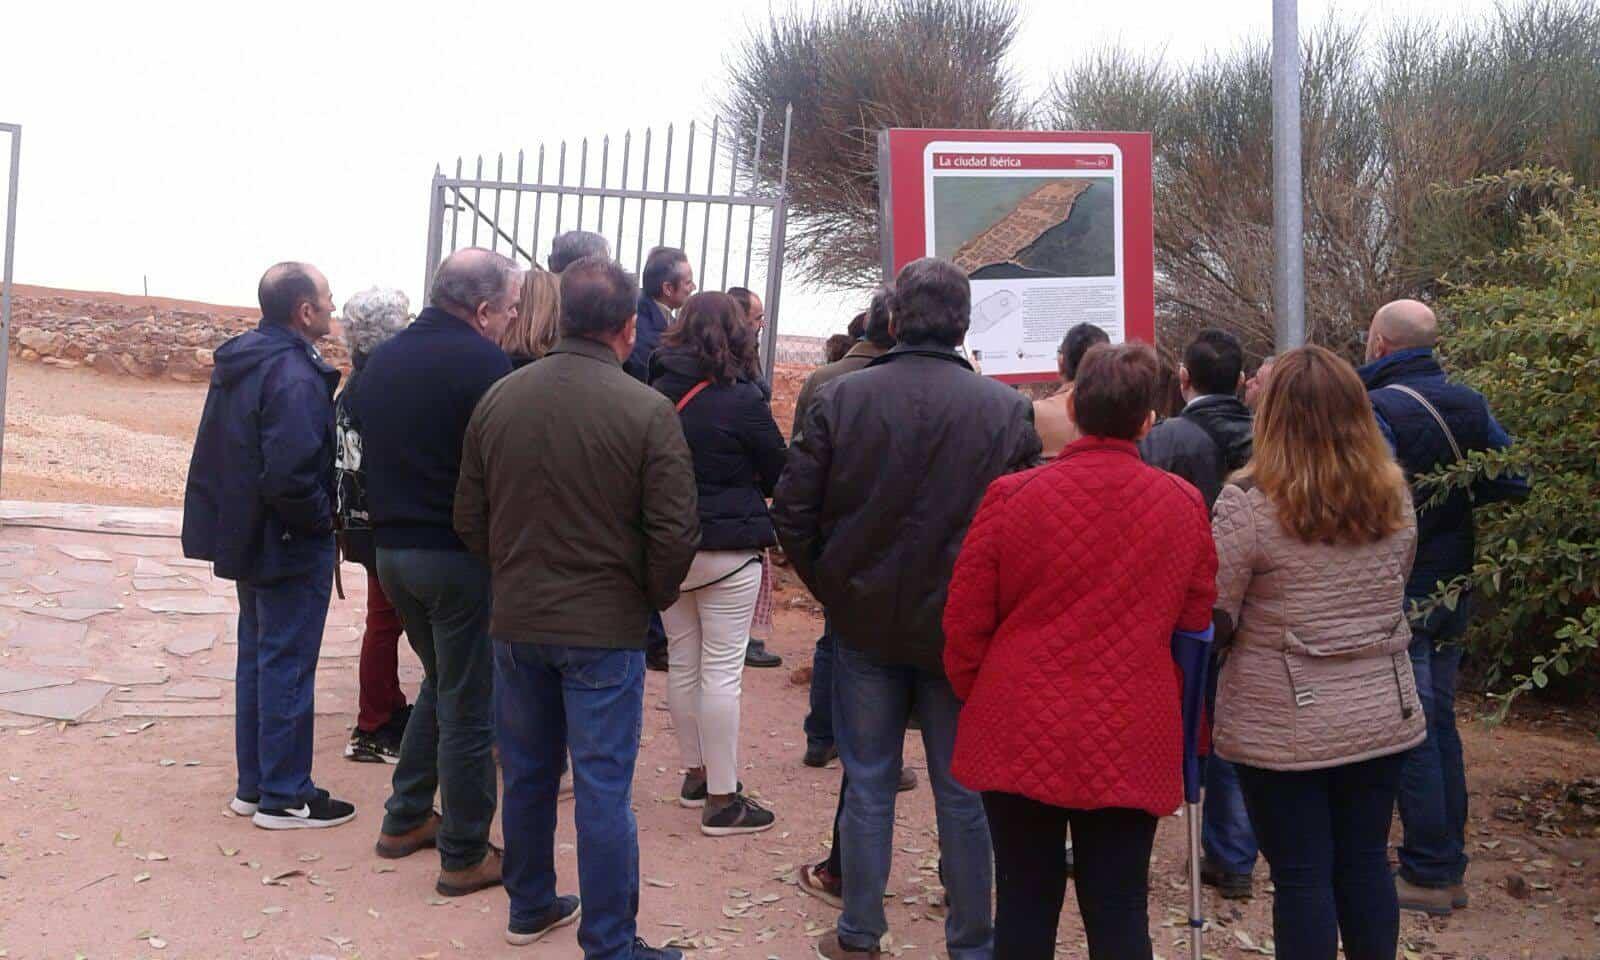 universidad popular herencia visita parques arqueologicos 1 - La Universidad Popular de Herencia visita el Cerro de las Cabezas